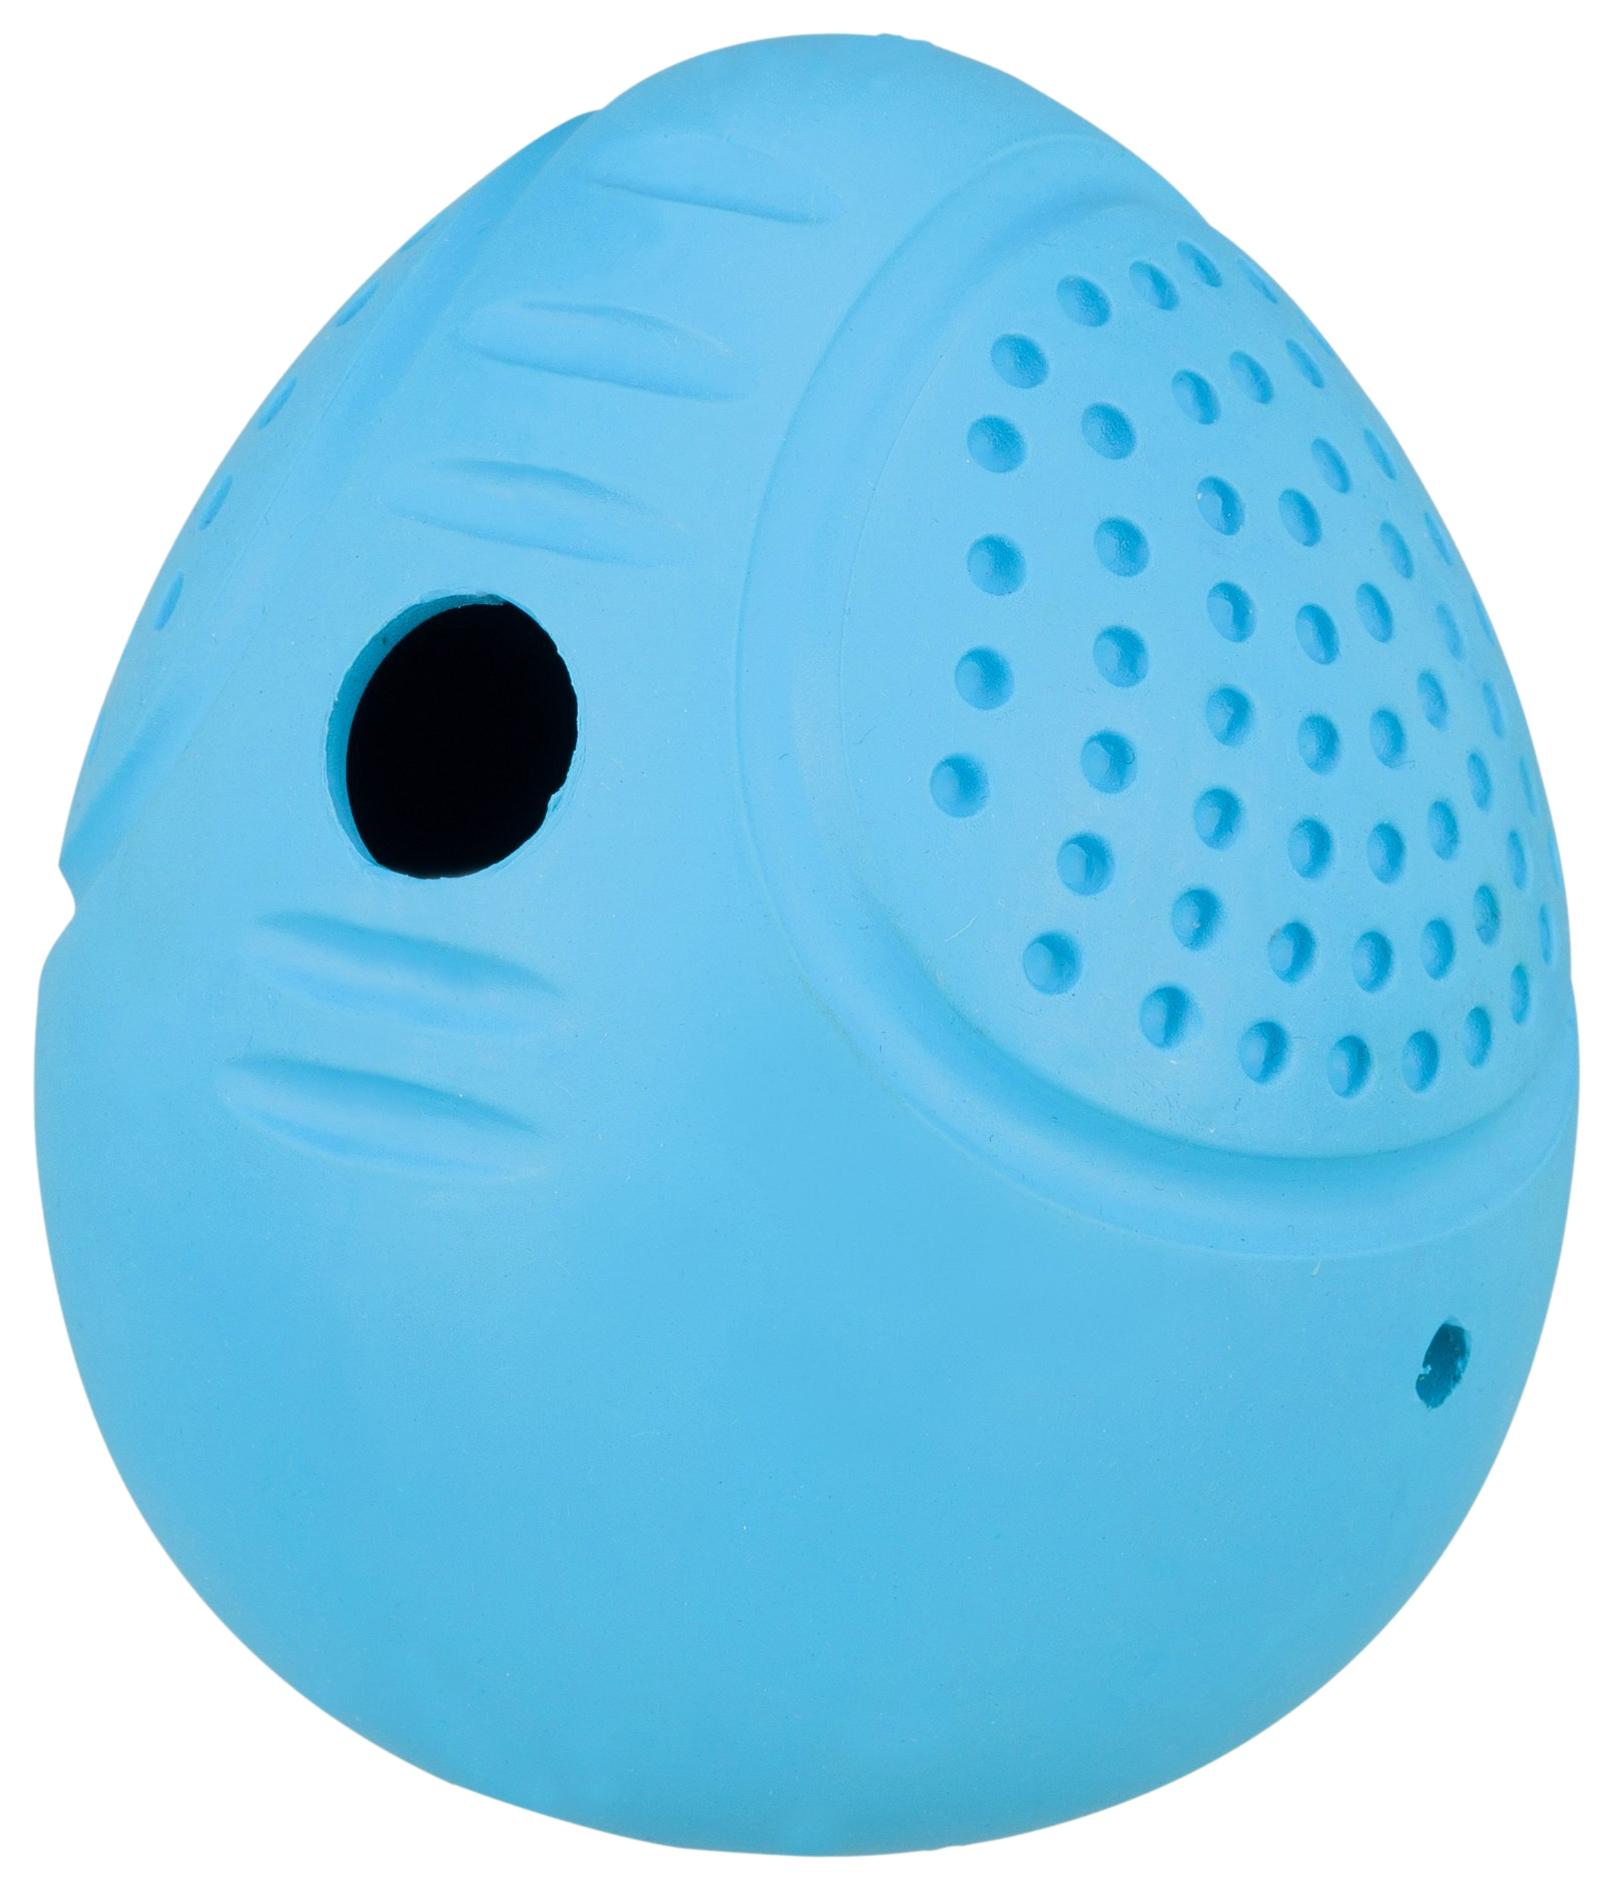 Игрушка для собак TRIXIE Roly Poly M, Яйцо, для лакомств, в ассортименте, 8 см